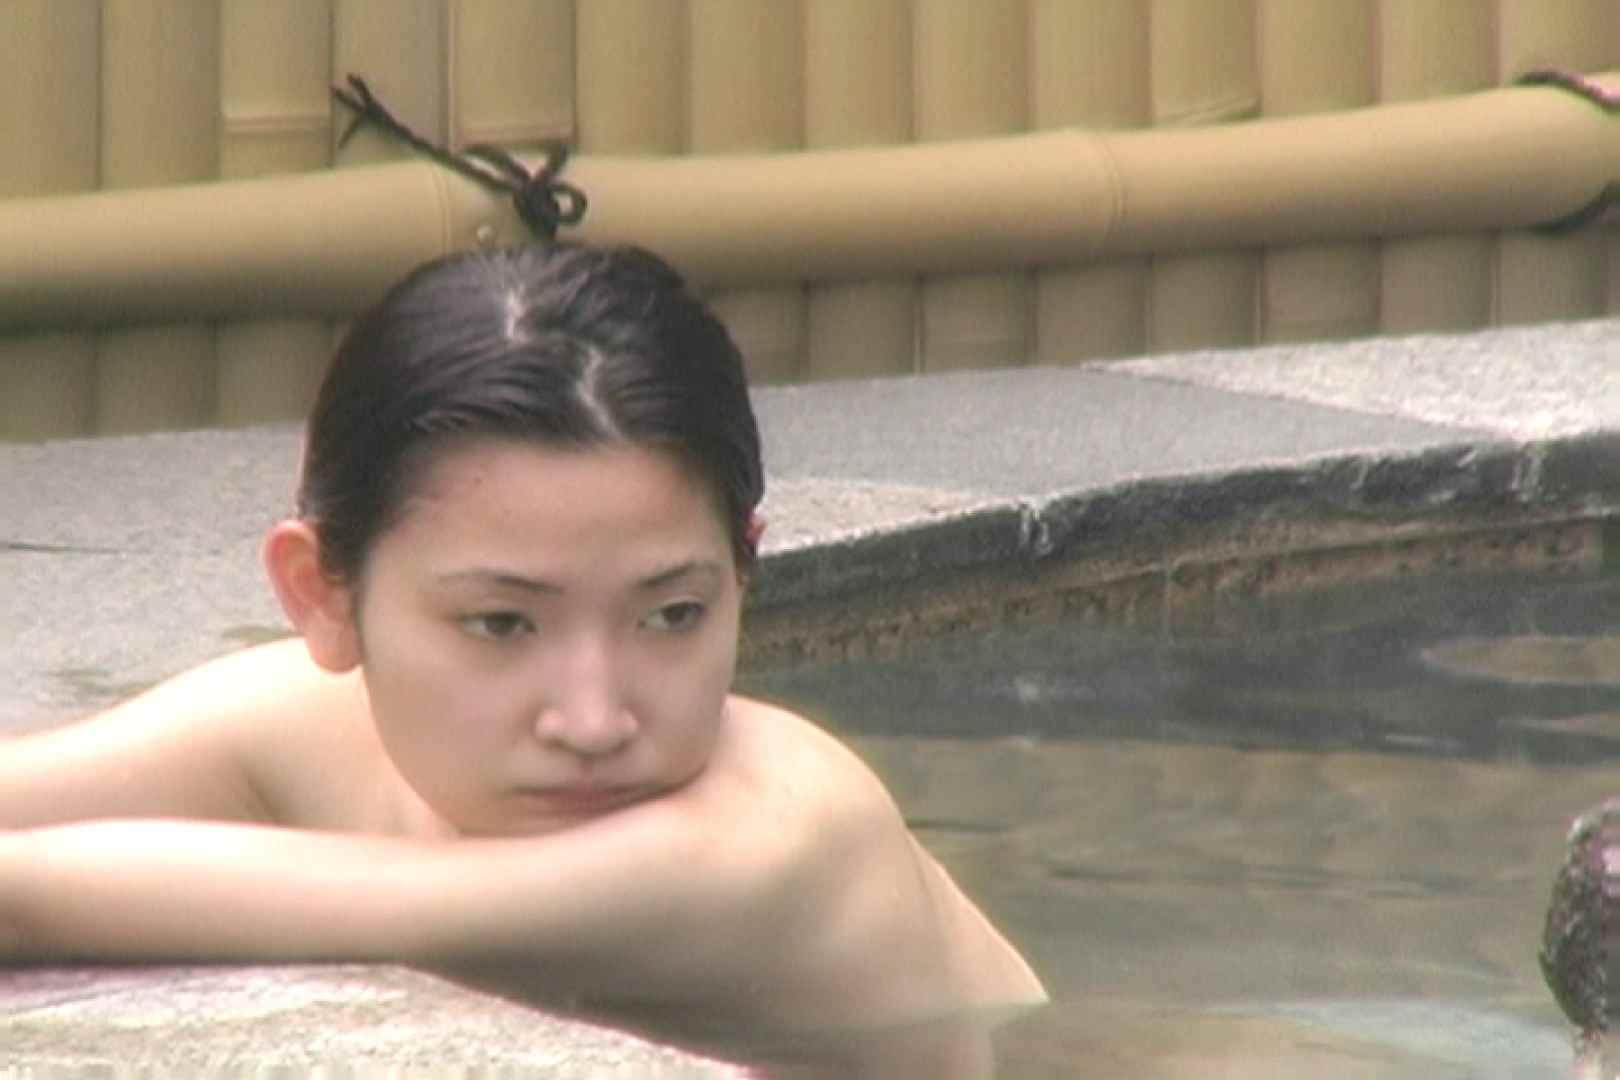 Aquaな露天風呂Vol.637 盗撮 | 露天風呂  50連発 37